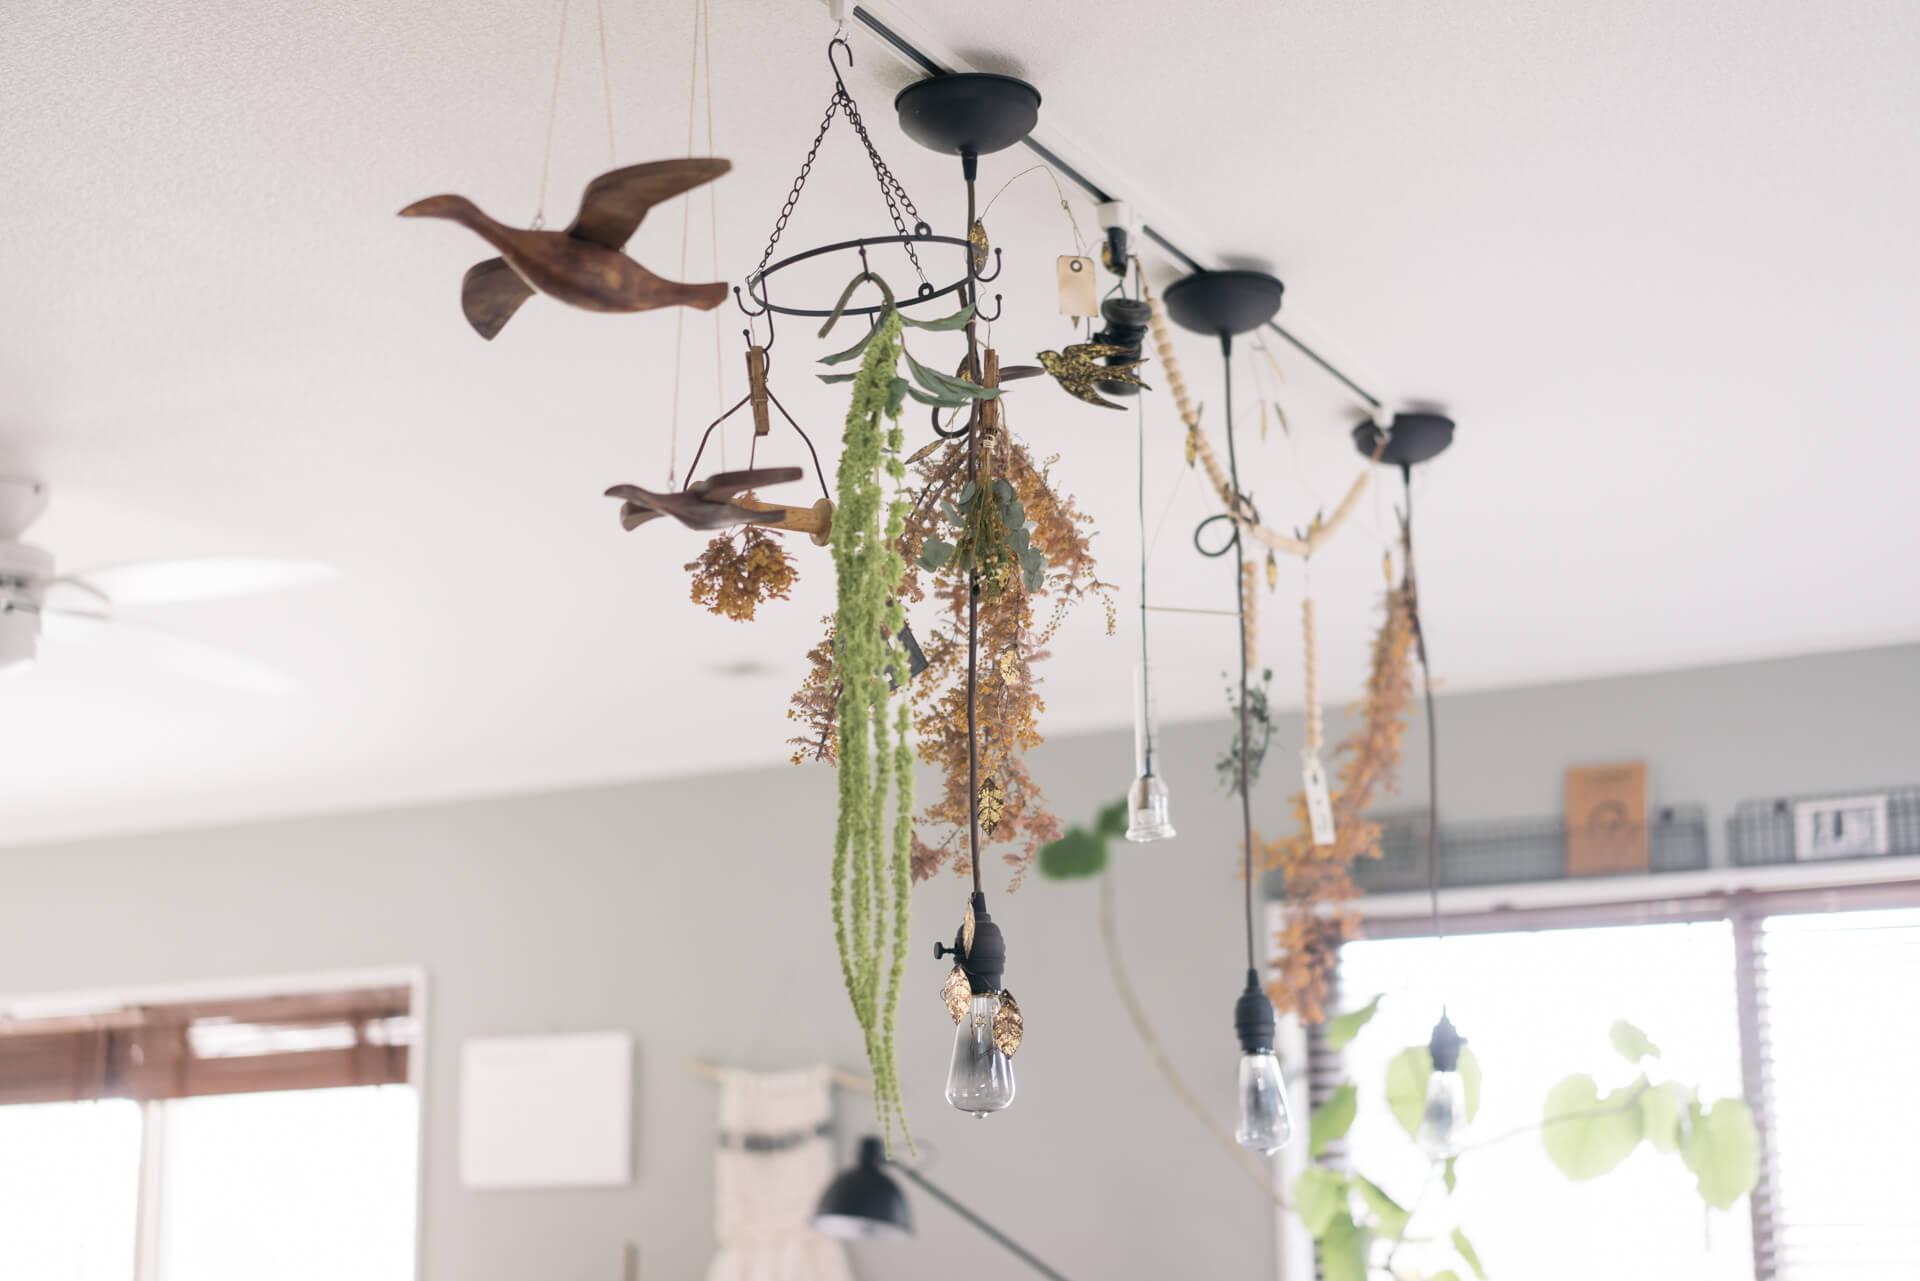 テーブル上のライティングレールには、照明だけでなく、ドライフラワーや鳥のオブジェを飾って楽しい雰囲気に。こういう飾り方、真似したい!